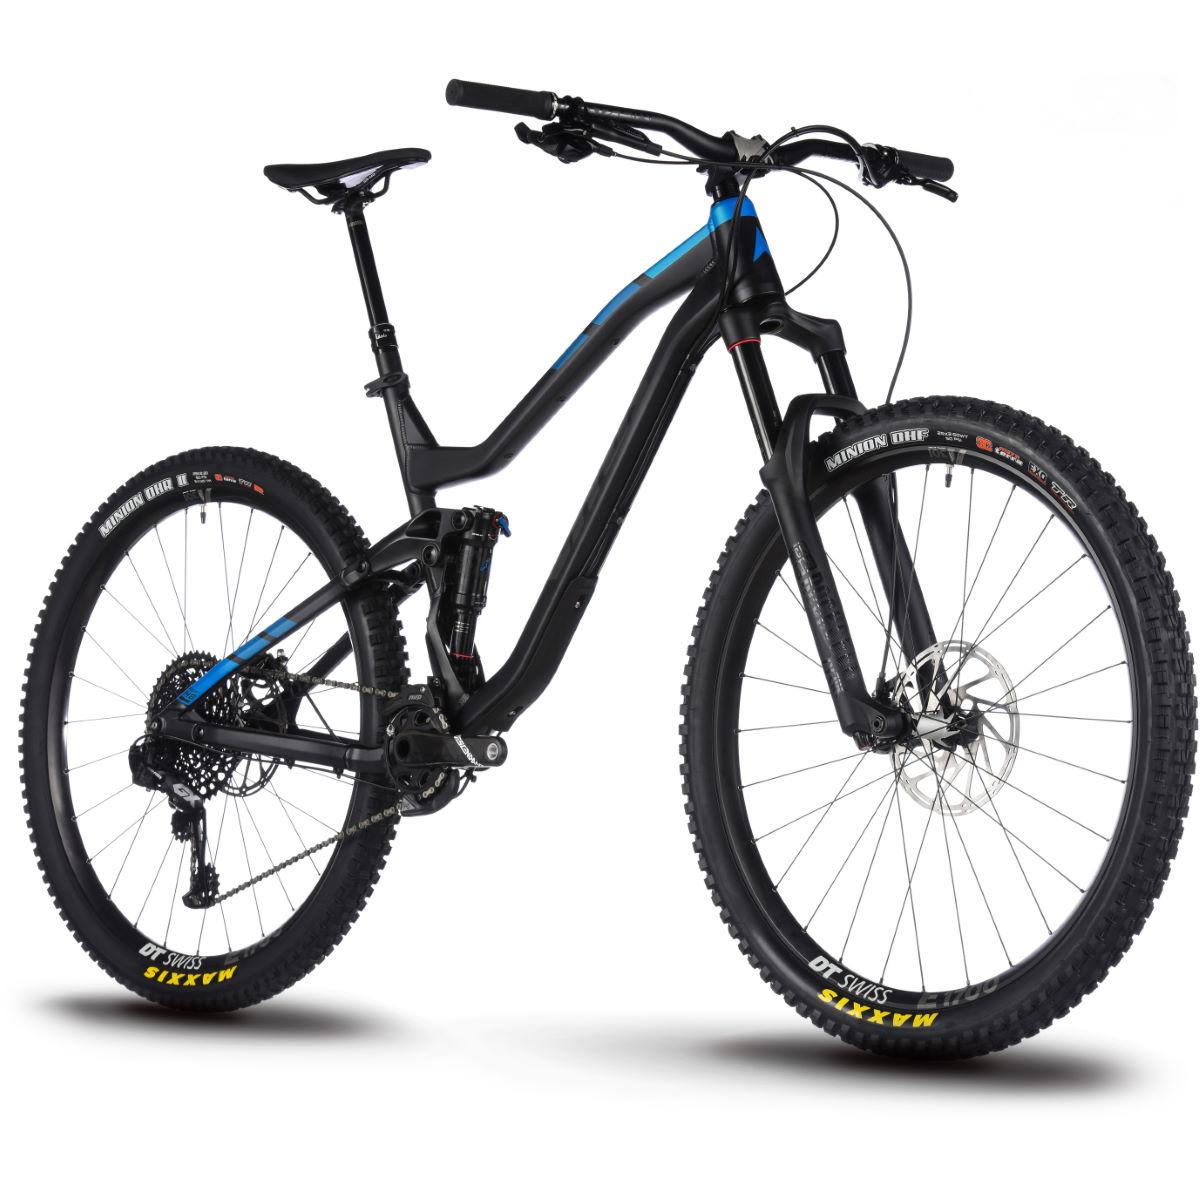 Vitus Bikes Escarpe VRX GX Eagle 1x12 FS Full